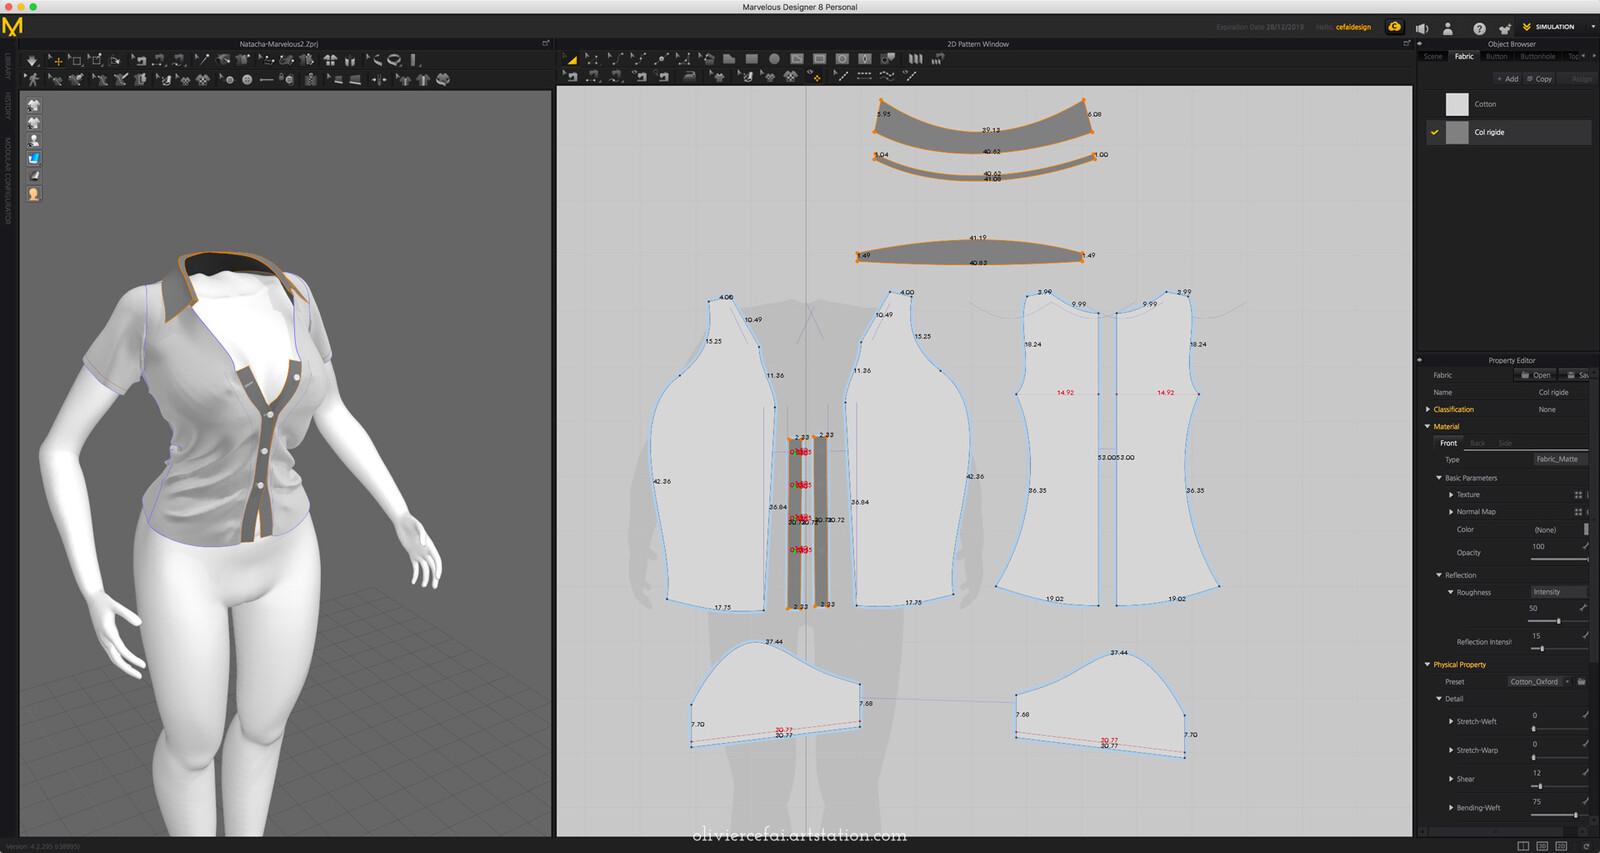 Design of the shirt in Marvelous designer